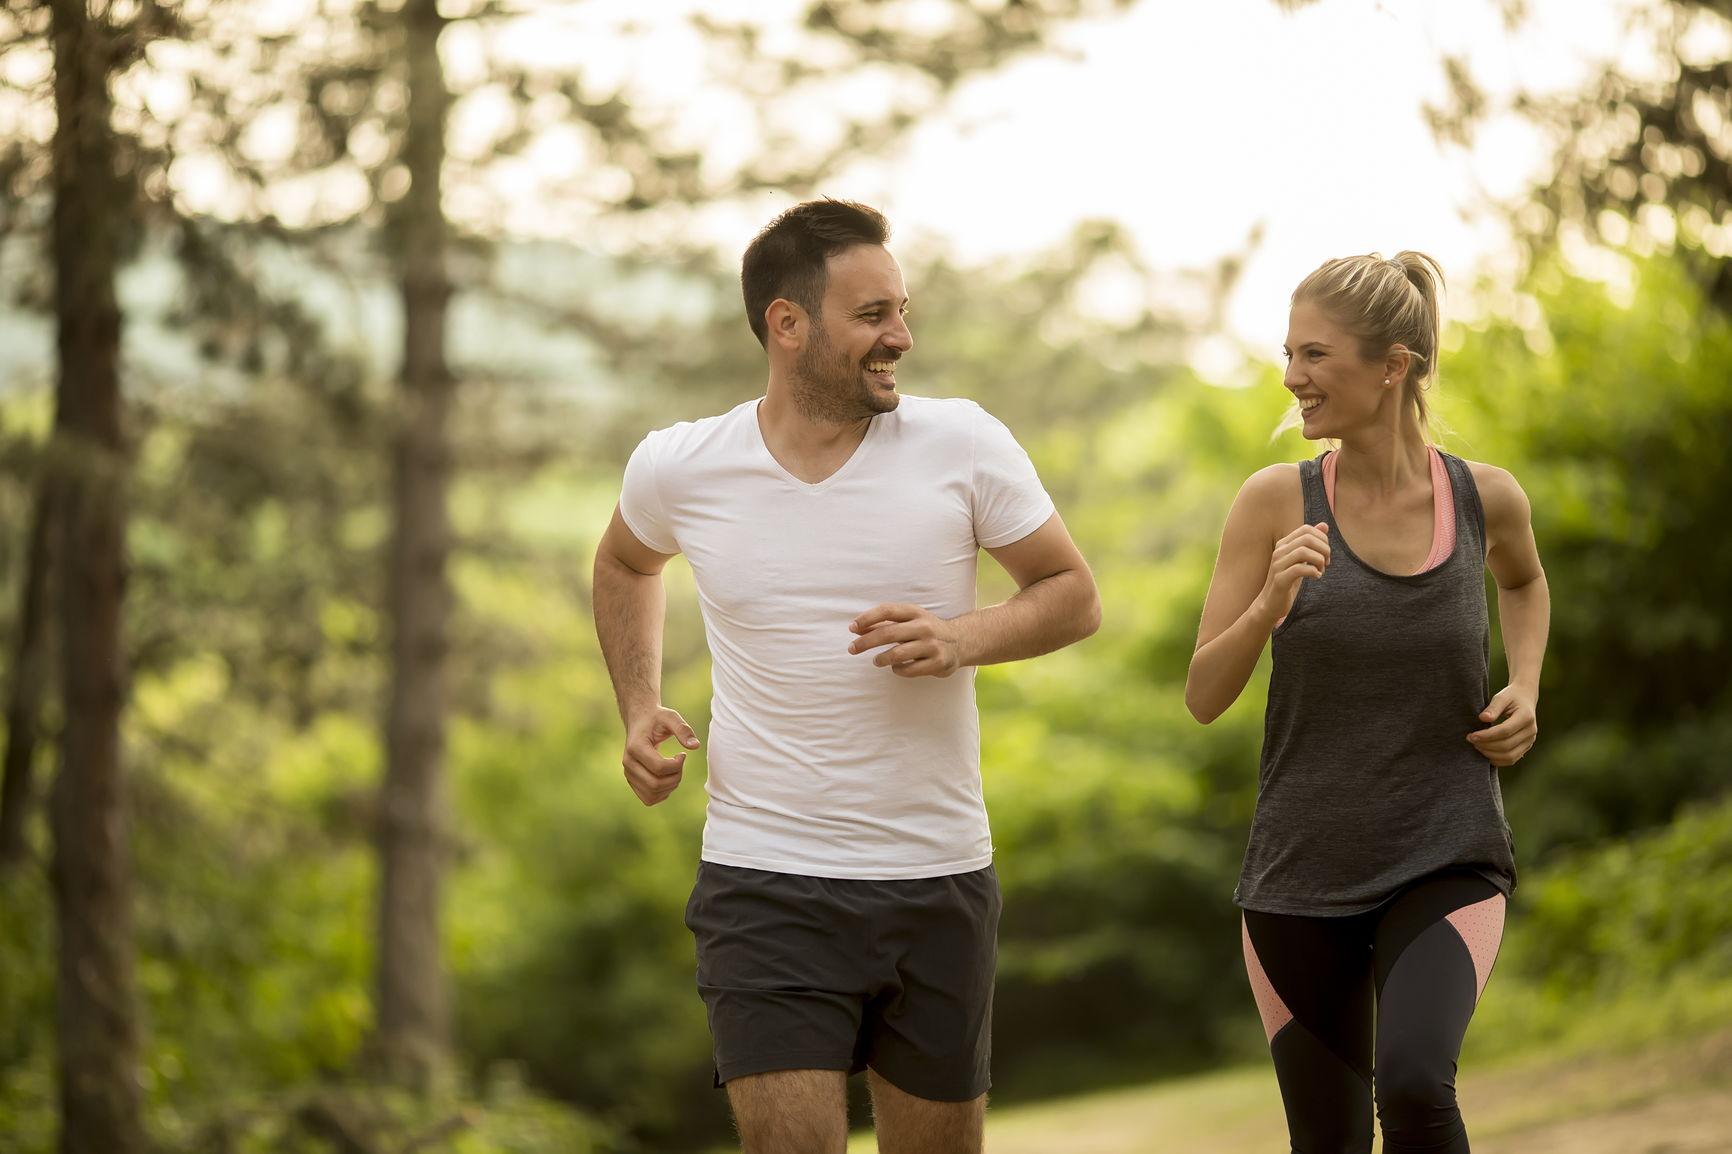 Løping for å bli kvitt fett